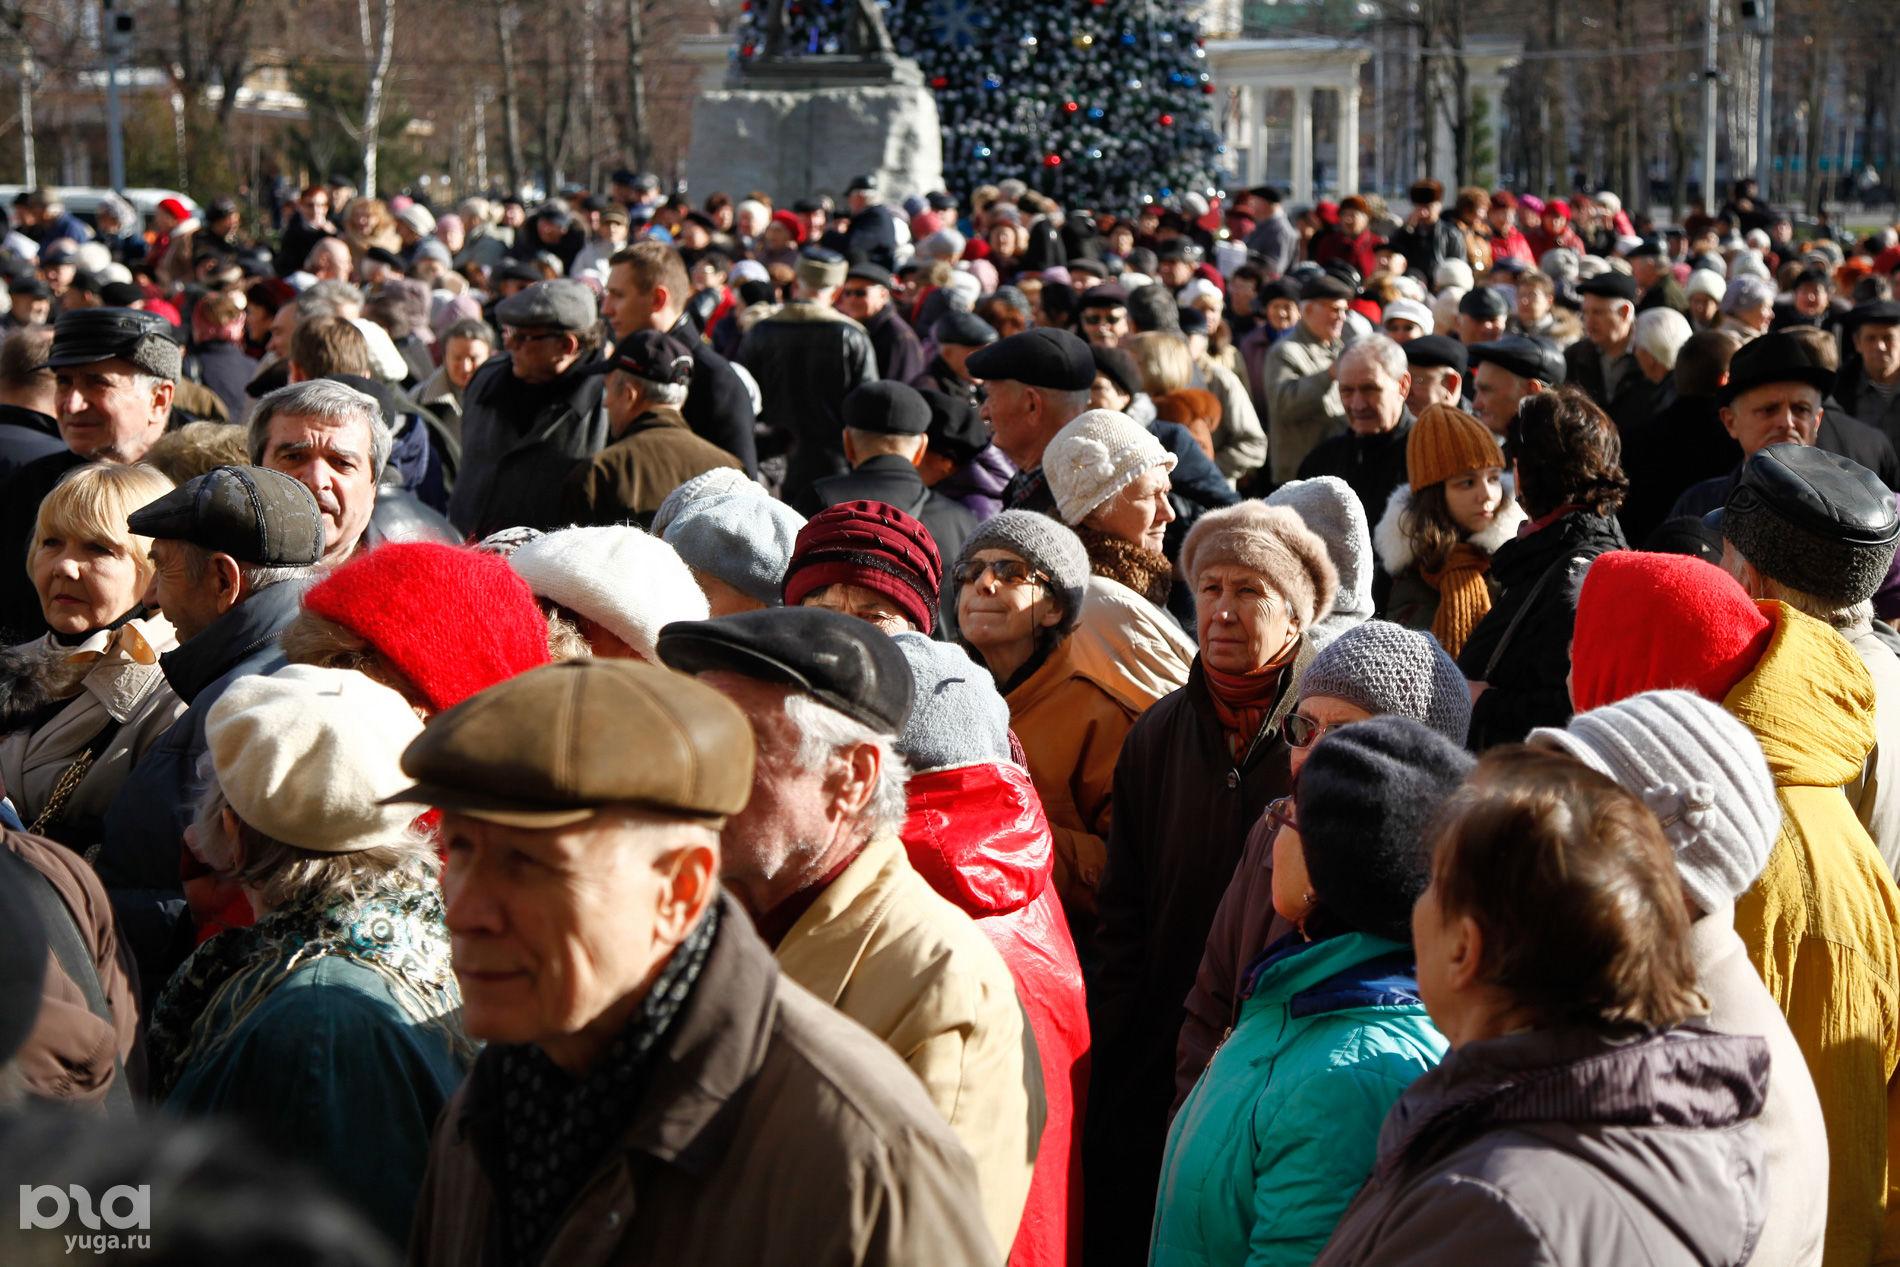 статье фото с митинга пенсионеров в краснодаре фото